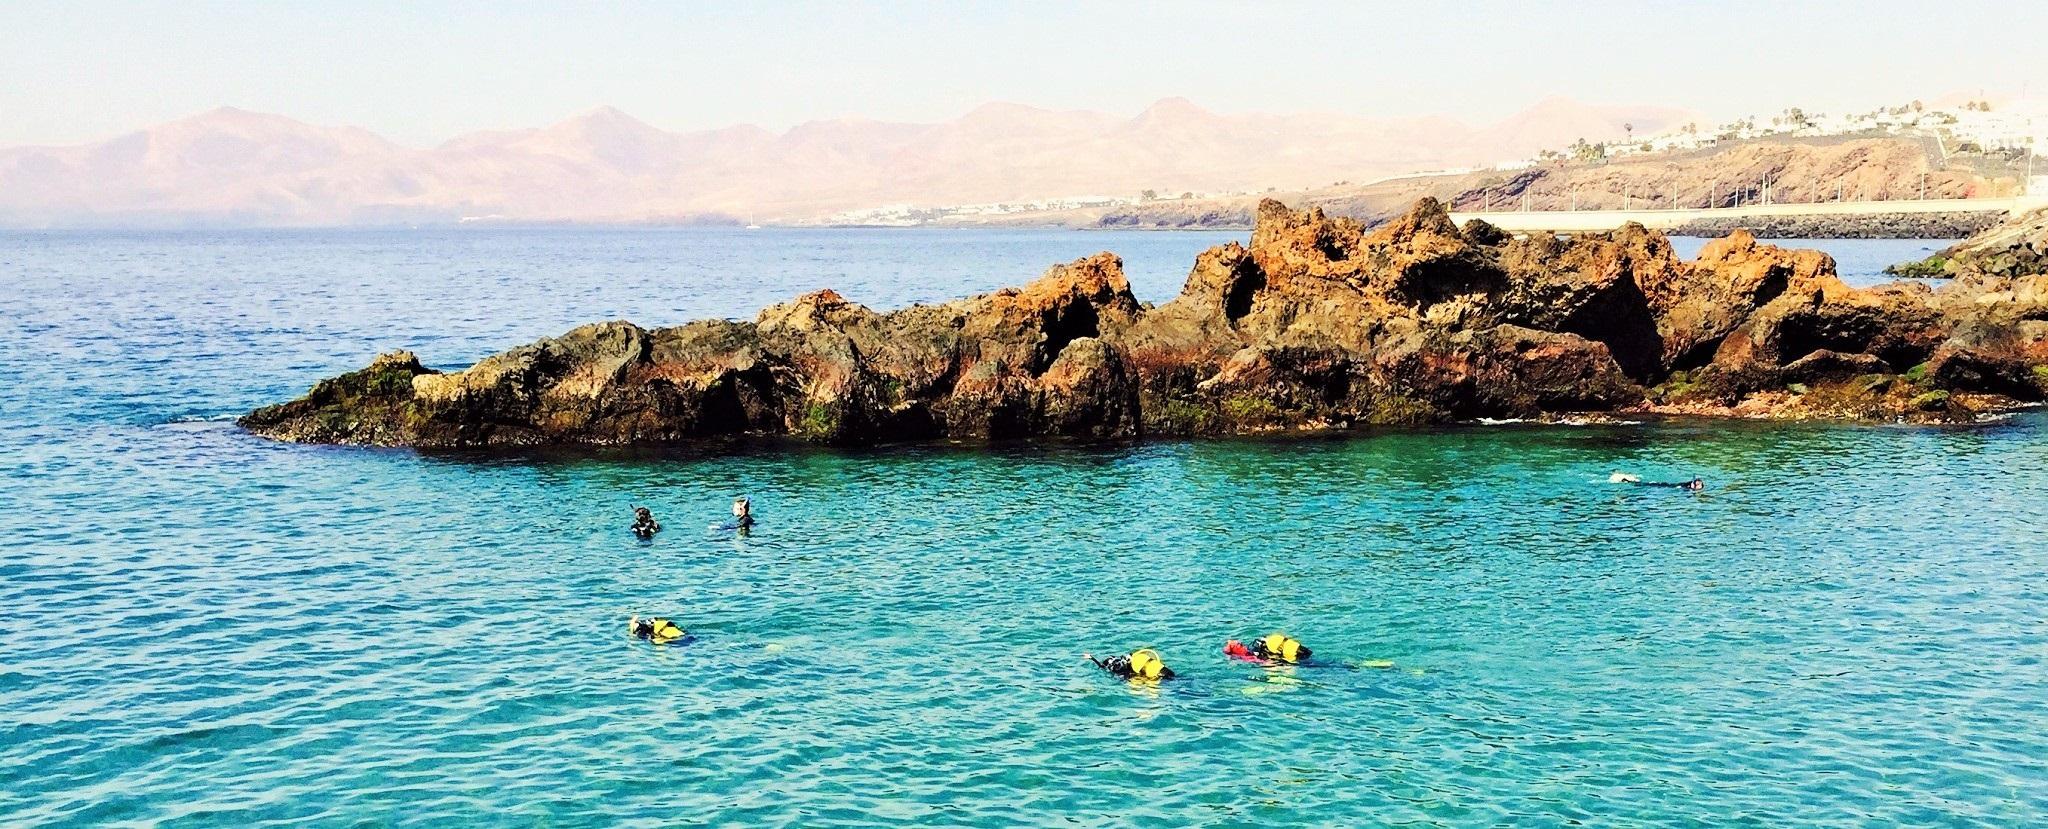 Submarinistas volando...bajo el agua en Puerto del Carmen, Lanzarote